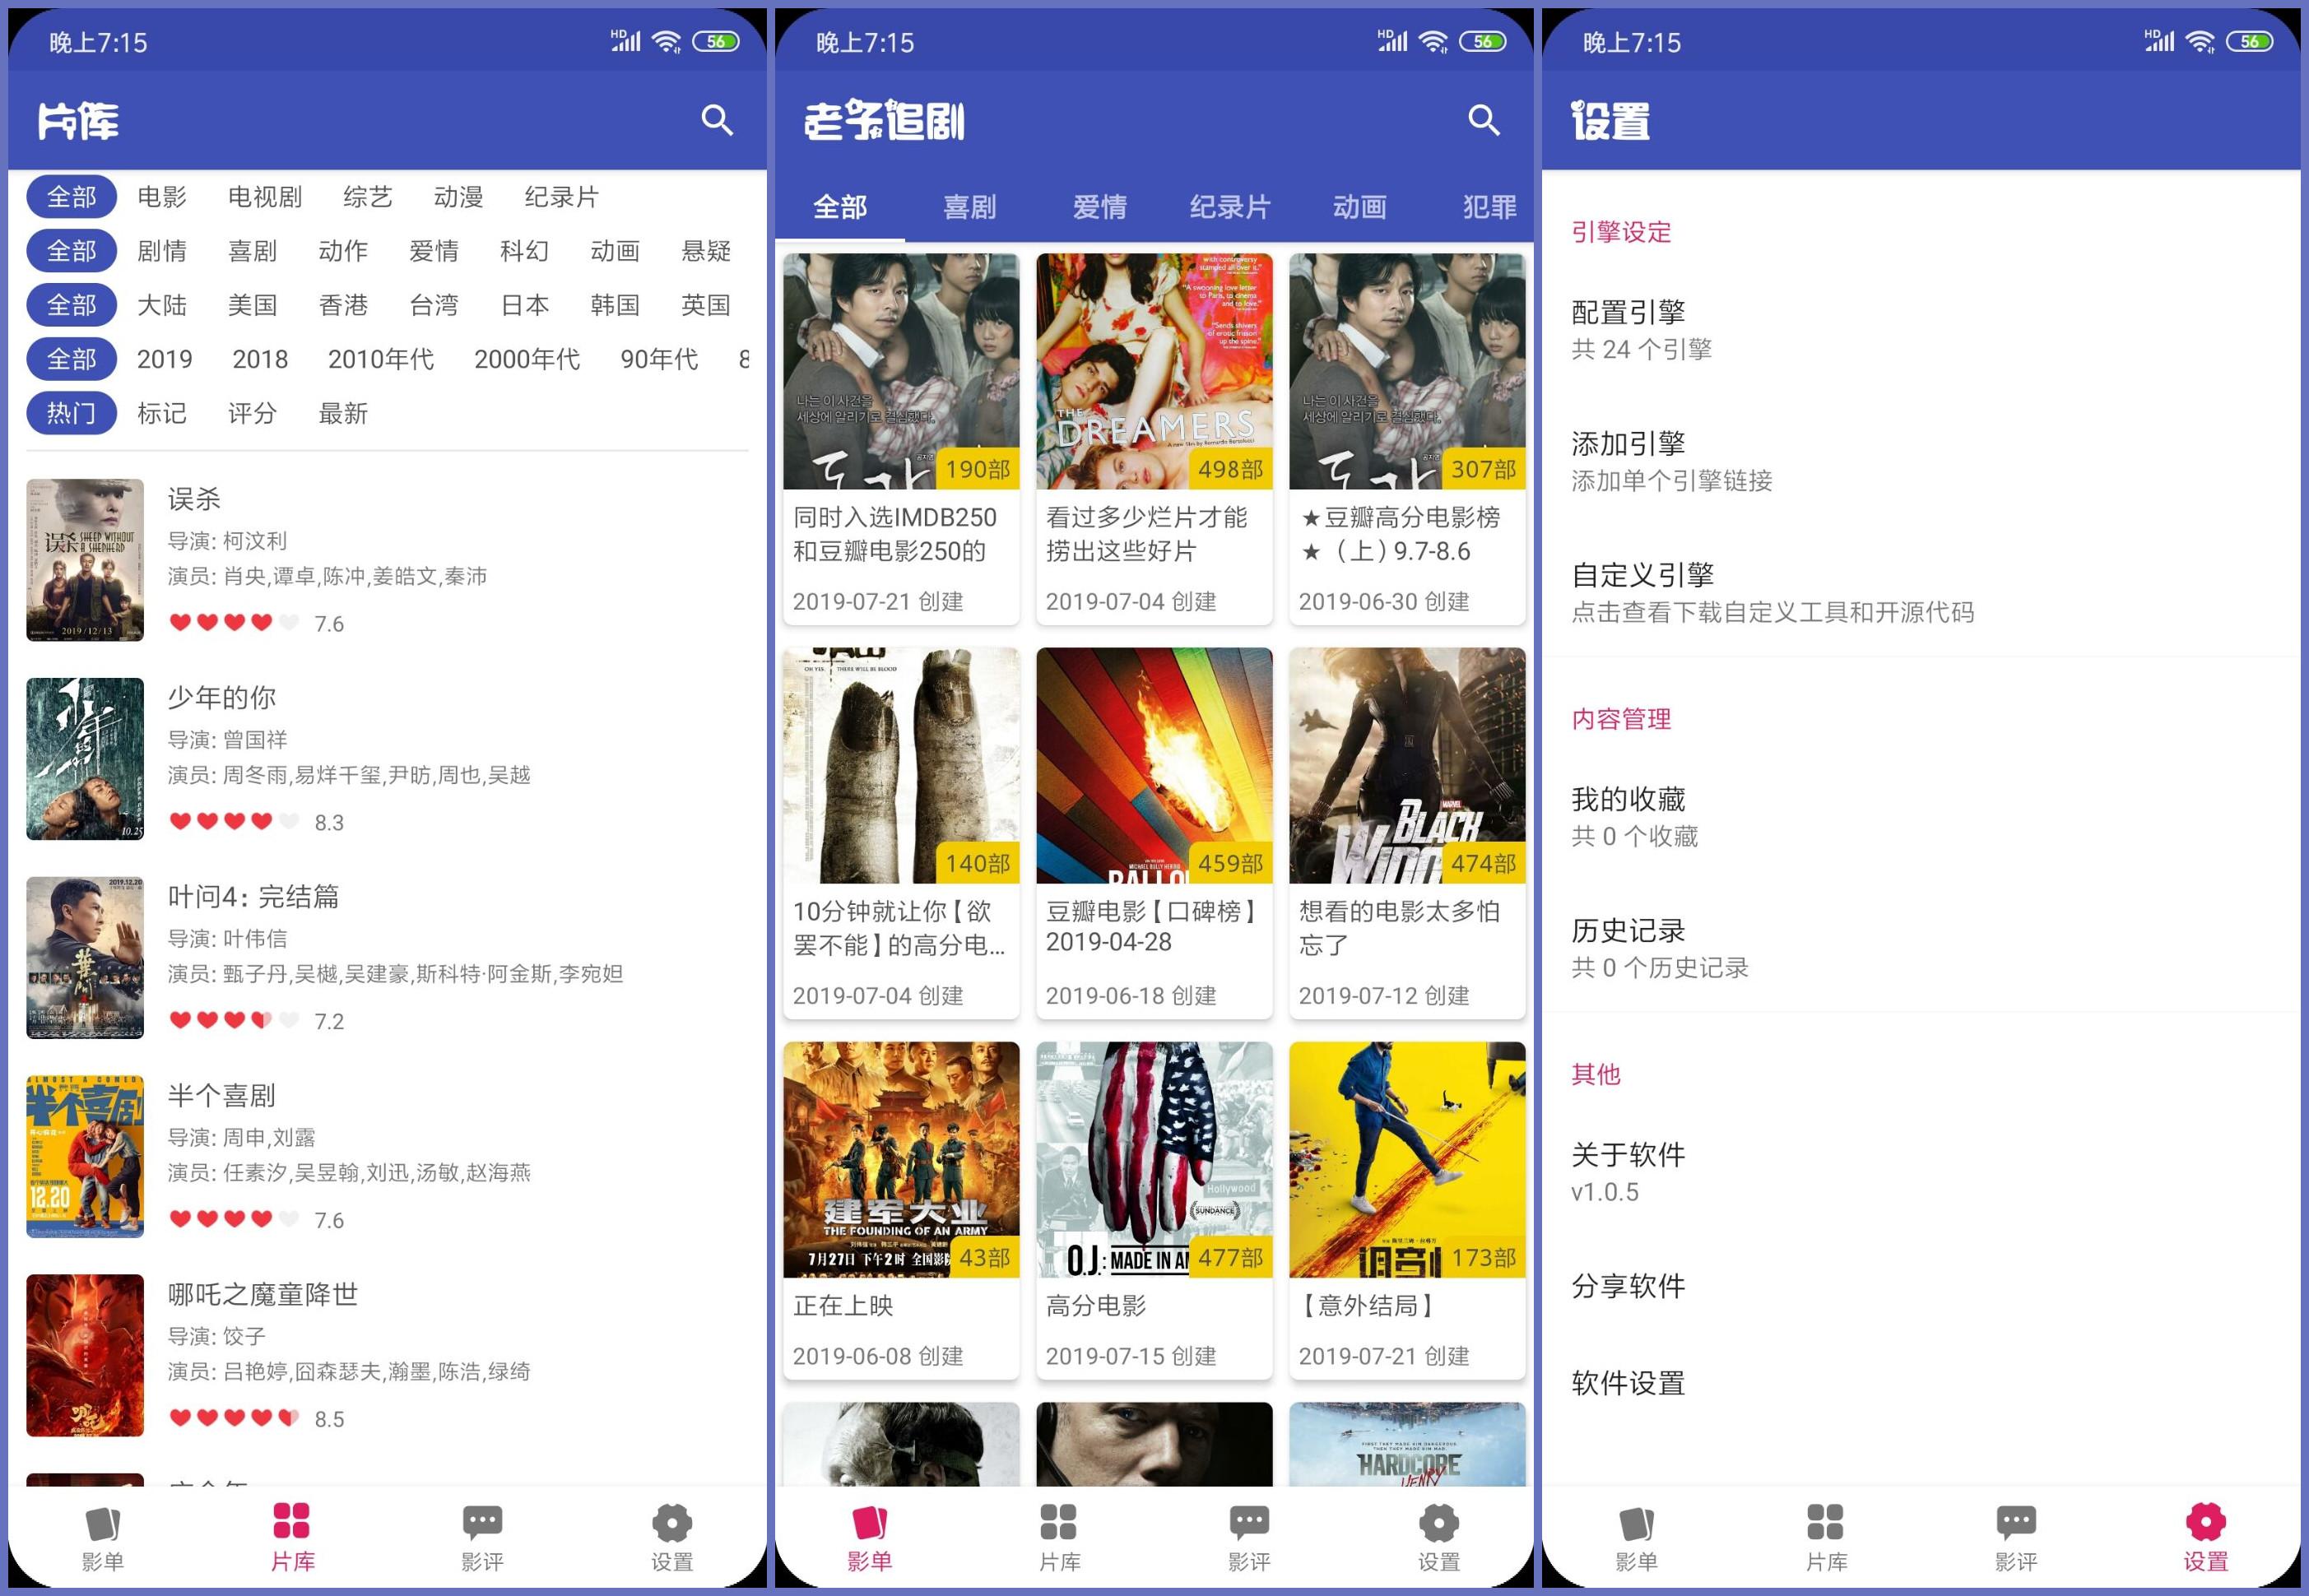 老子追剧v1.0.5 最新去广告版 热播影视无限看